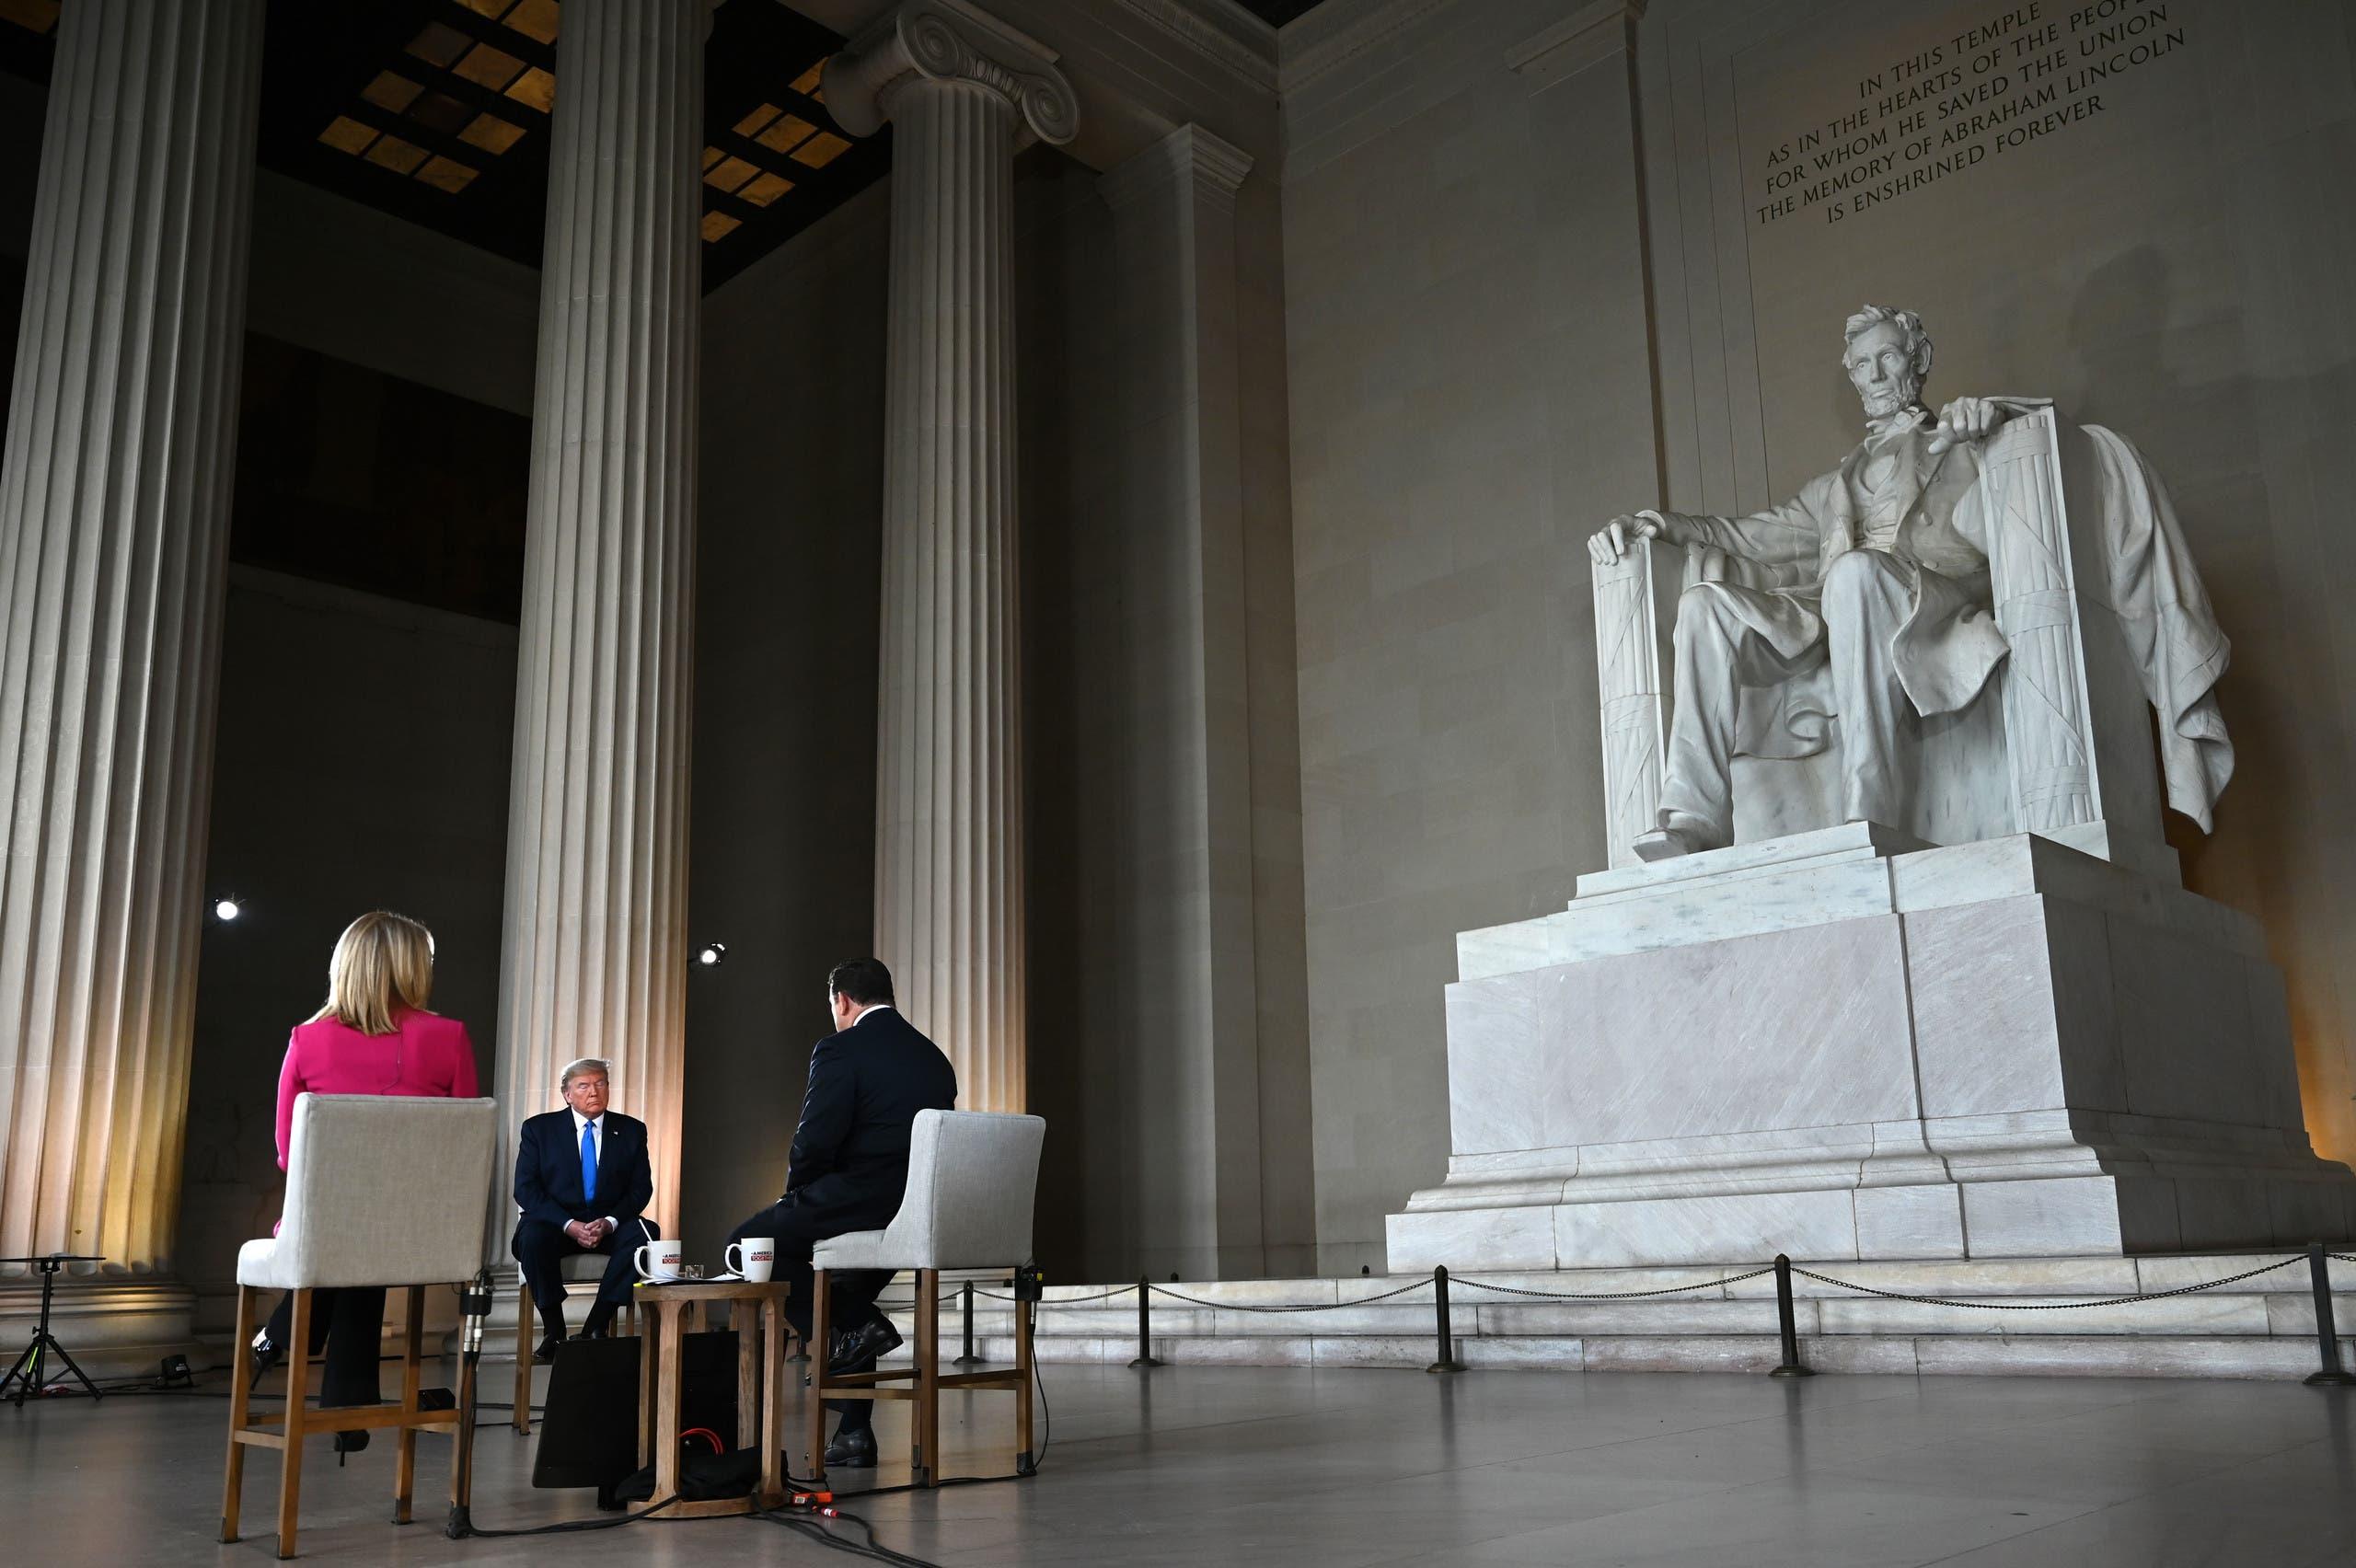 """ترمب أمام نصب لينكولن في حديقة """"ناشيونال مول"""" بواشنطن"""